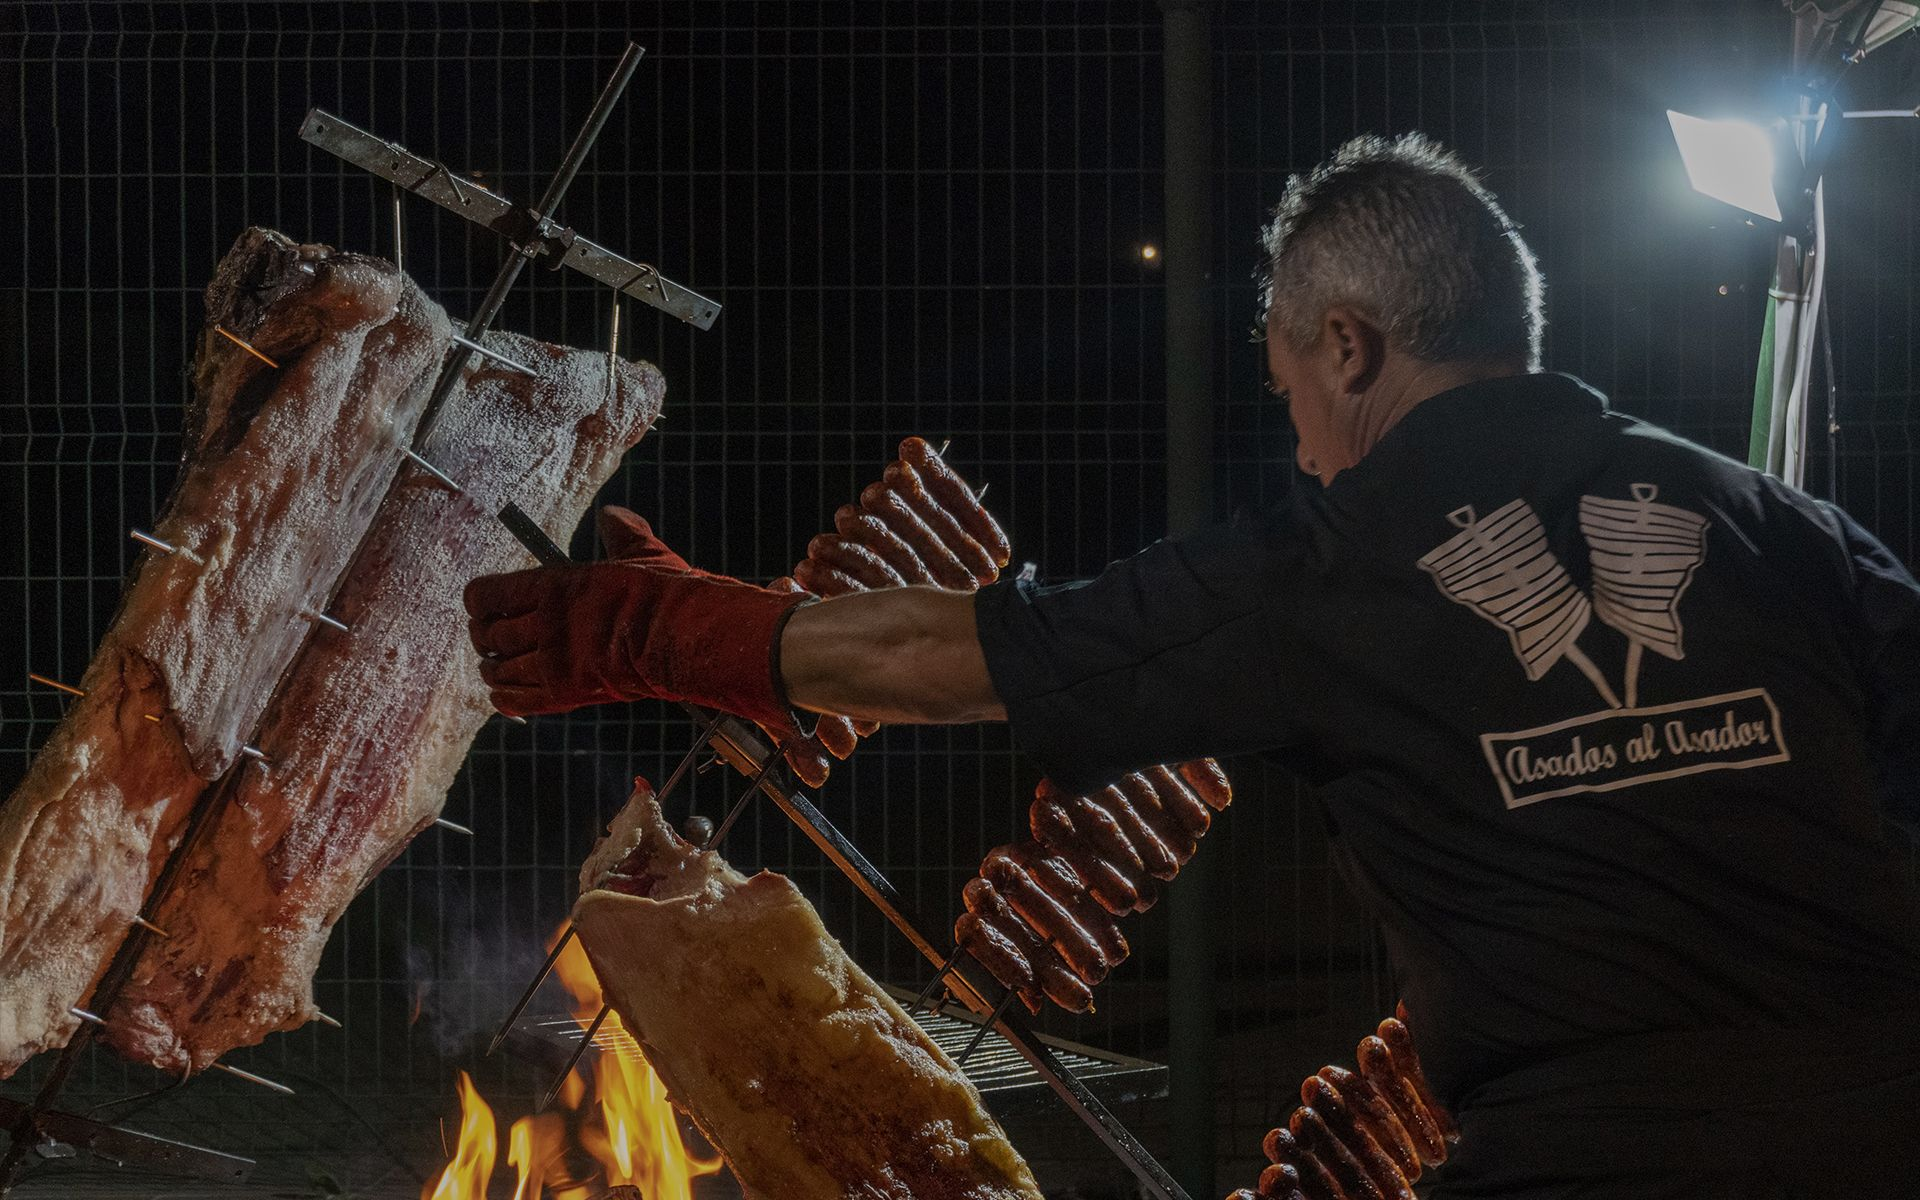 Barbacoa argentina a Domicilio